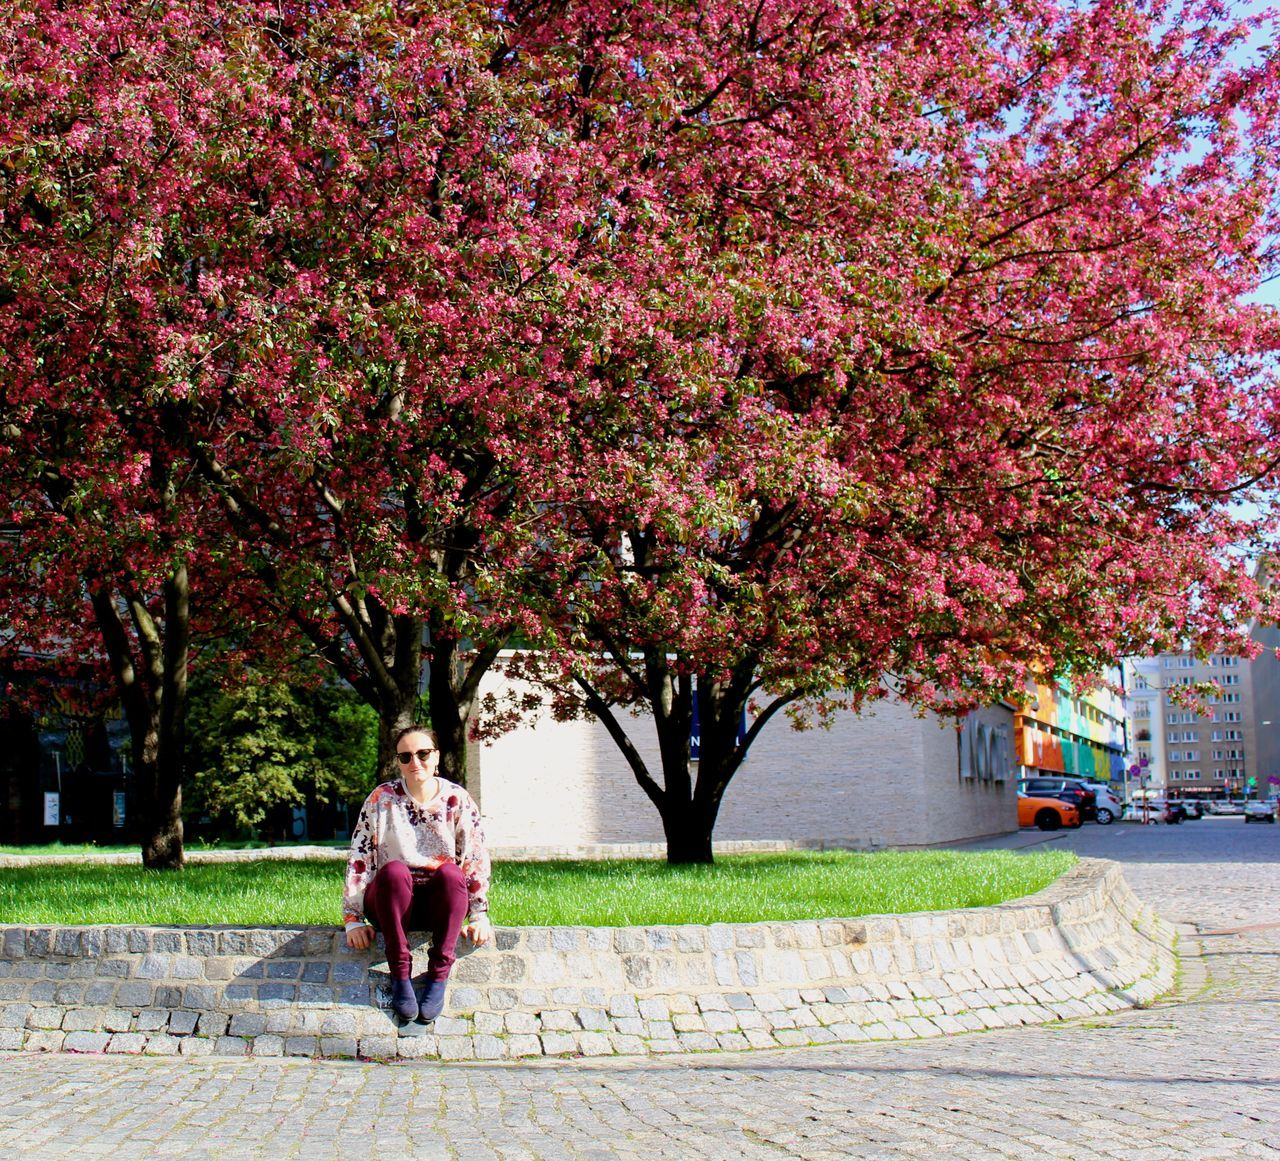 Full Length Of Woman Sitting Below Flowering Trees By Street